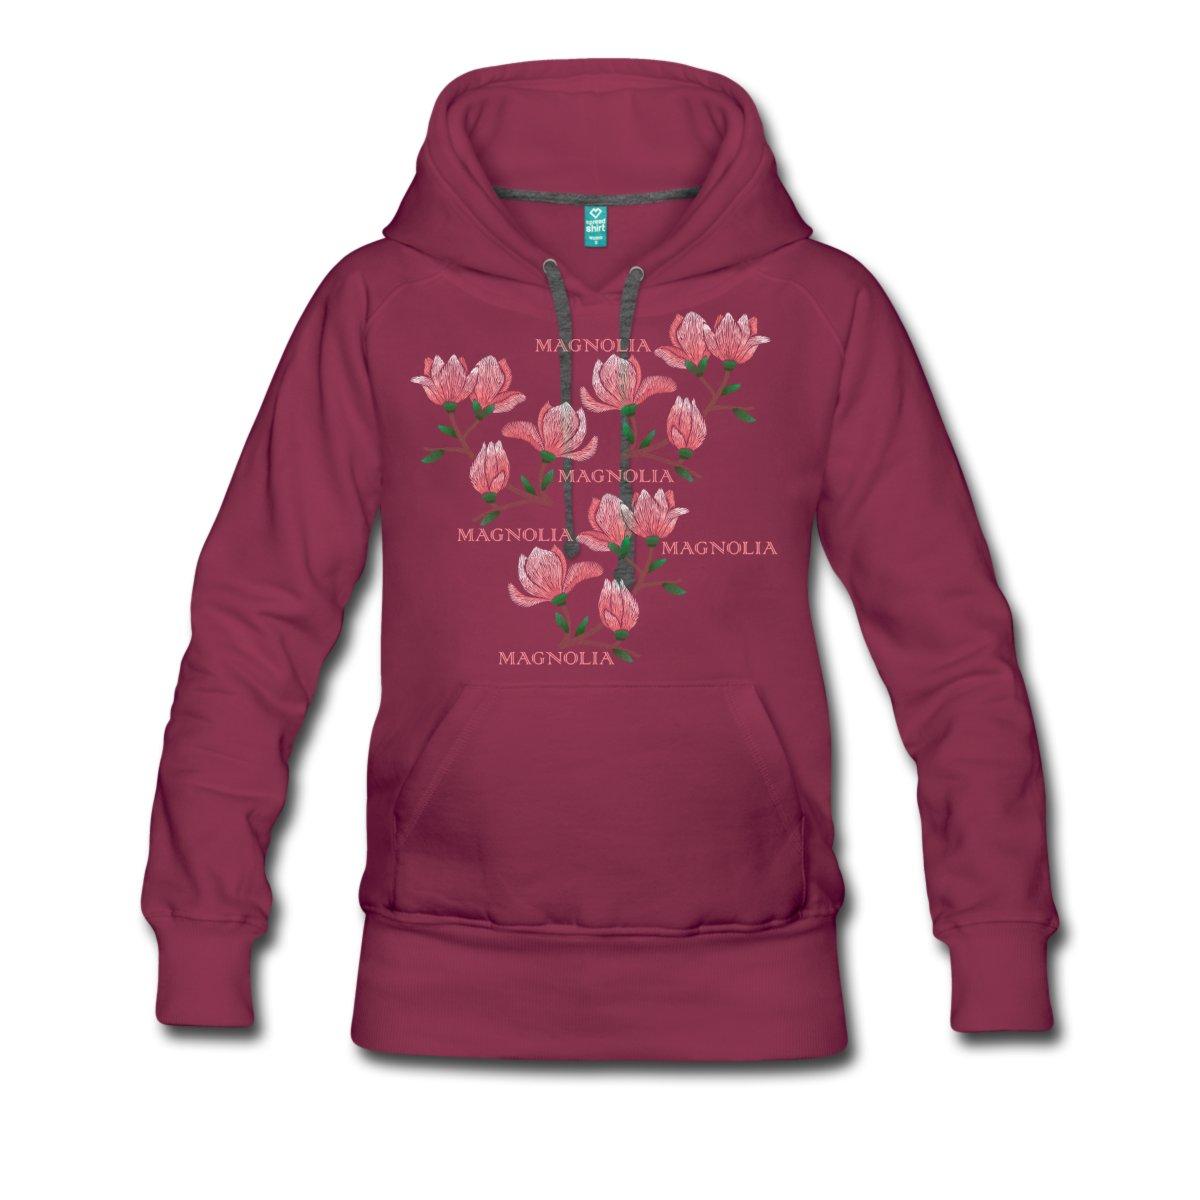 magnolia-premiumluvtroeja-dam-v.jpg